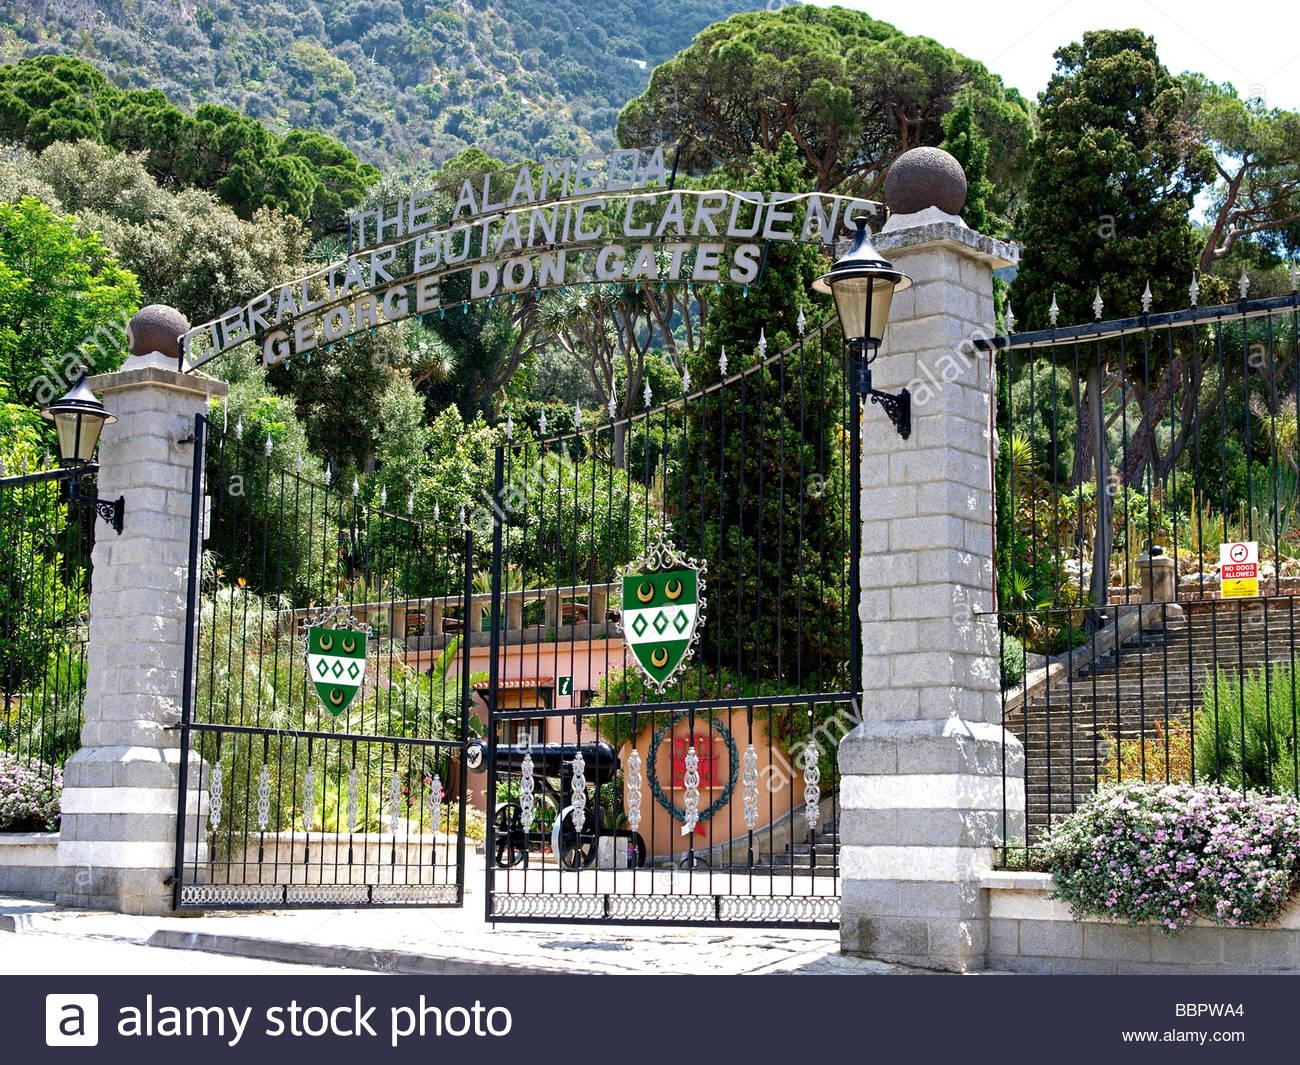 Superbe The Alameda Trafalgar Botanic Gardens George Don Gates Gibraltar